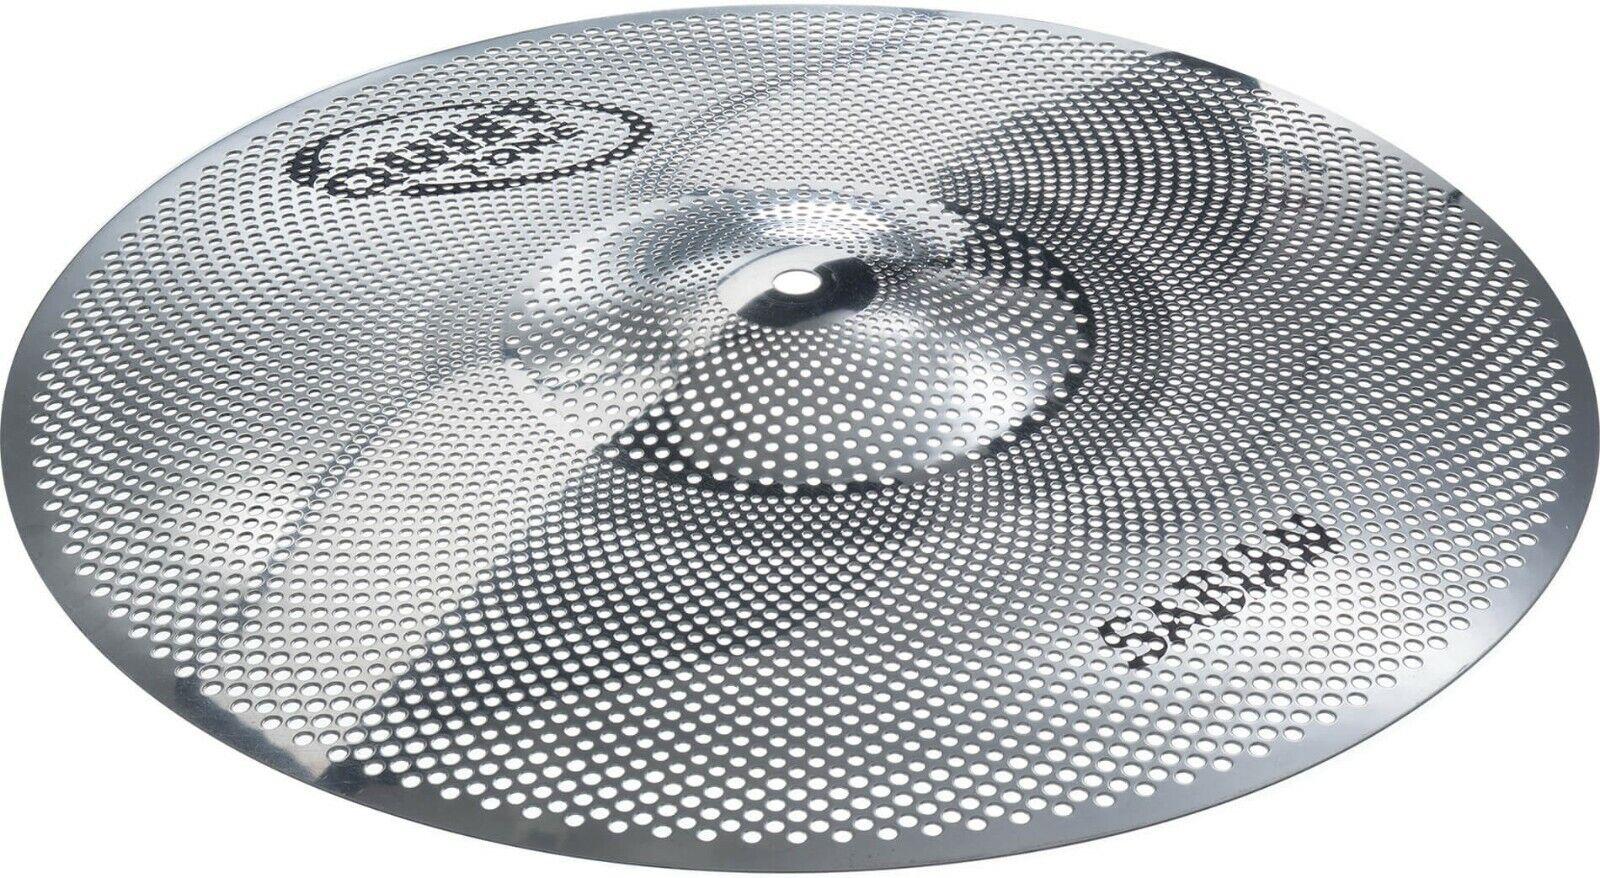 Sabian Quiet Tone 18  Crash Cymbal New with Warranty